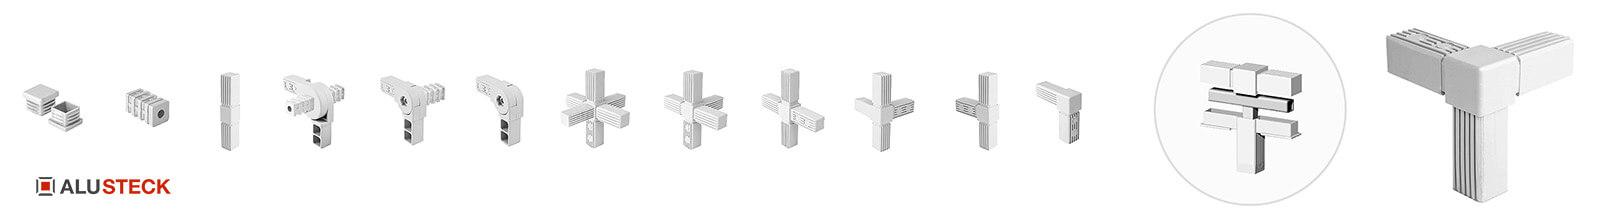 Ladenbausysteme stabile Verbindungstechnik Steckverbinder Rohrverbinder Grundgestelle bauen